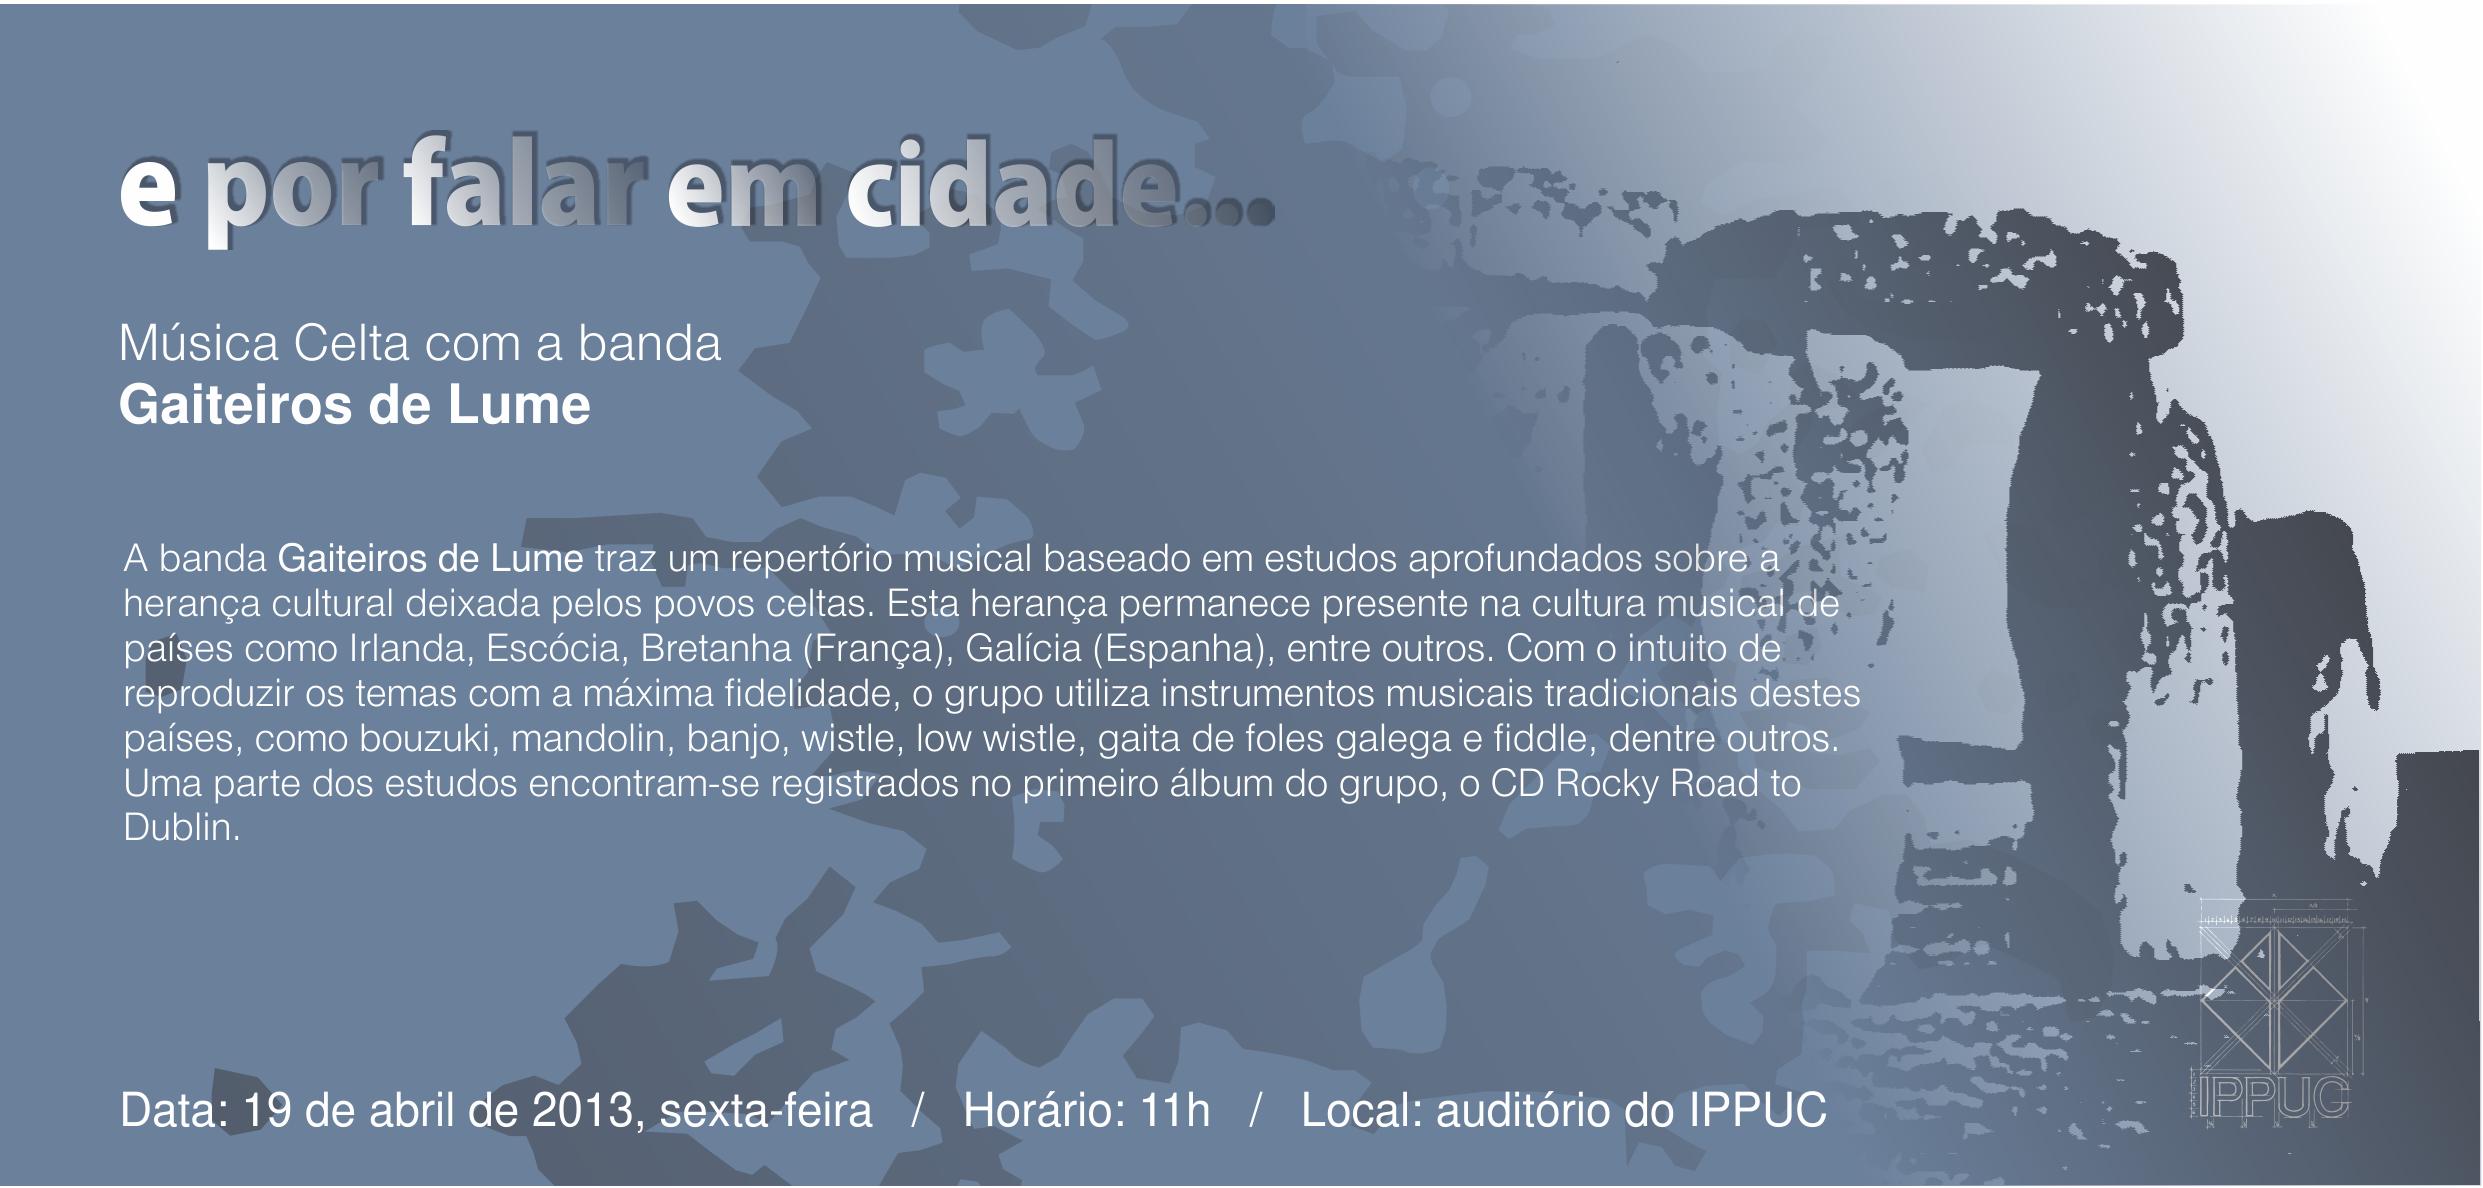 19 04 2013 - Convite